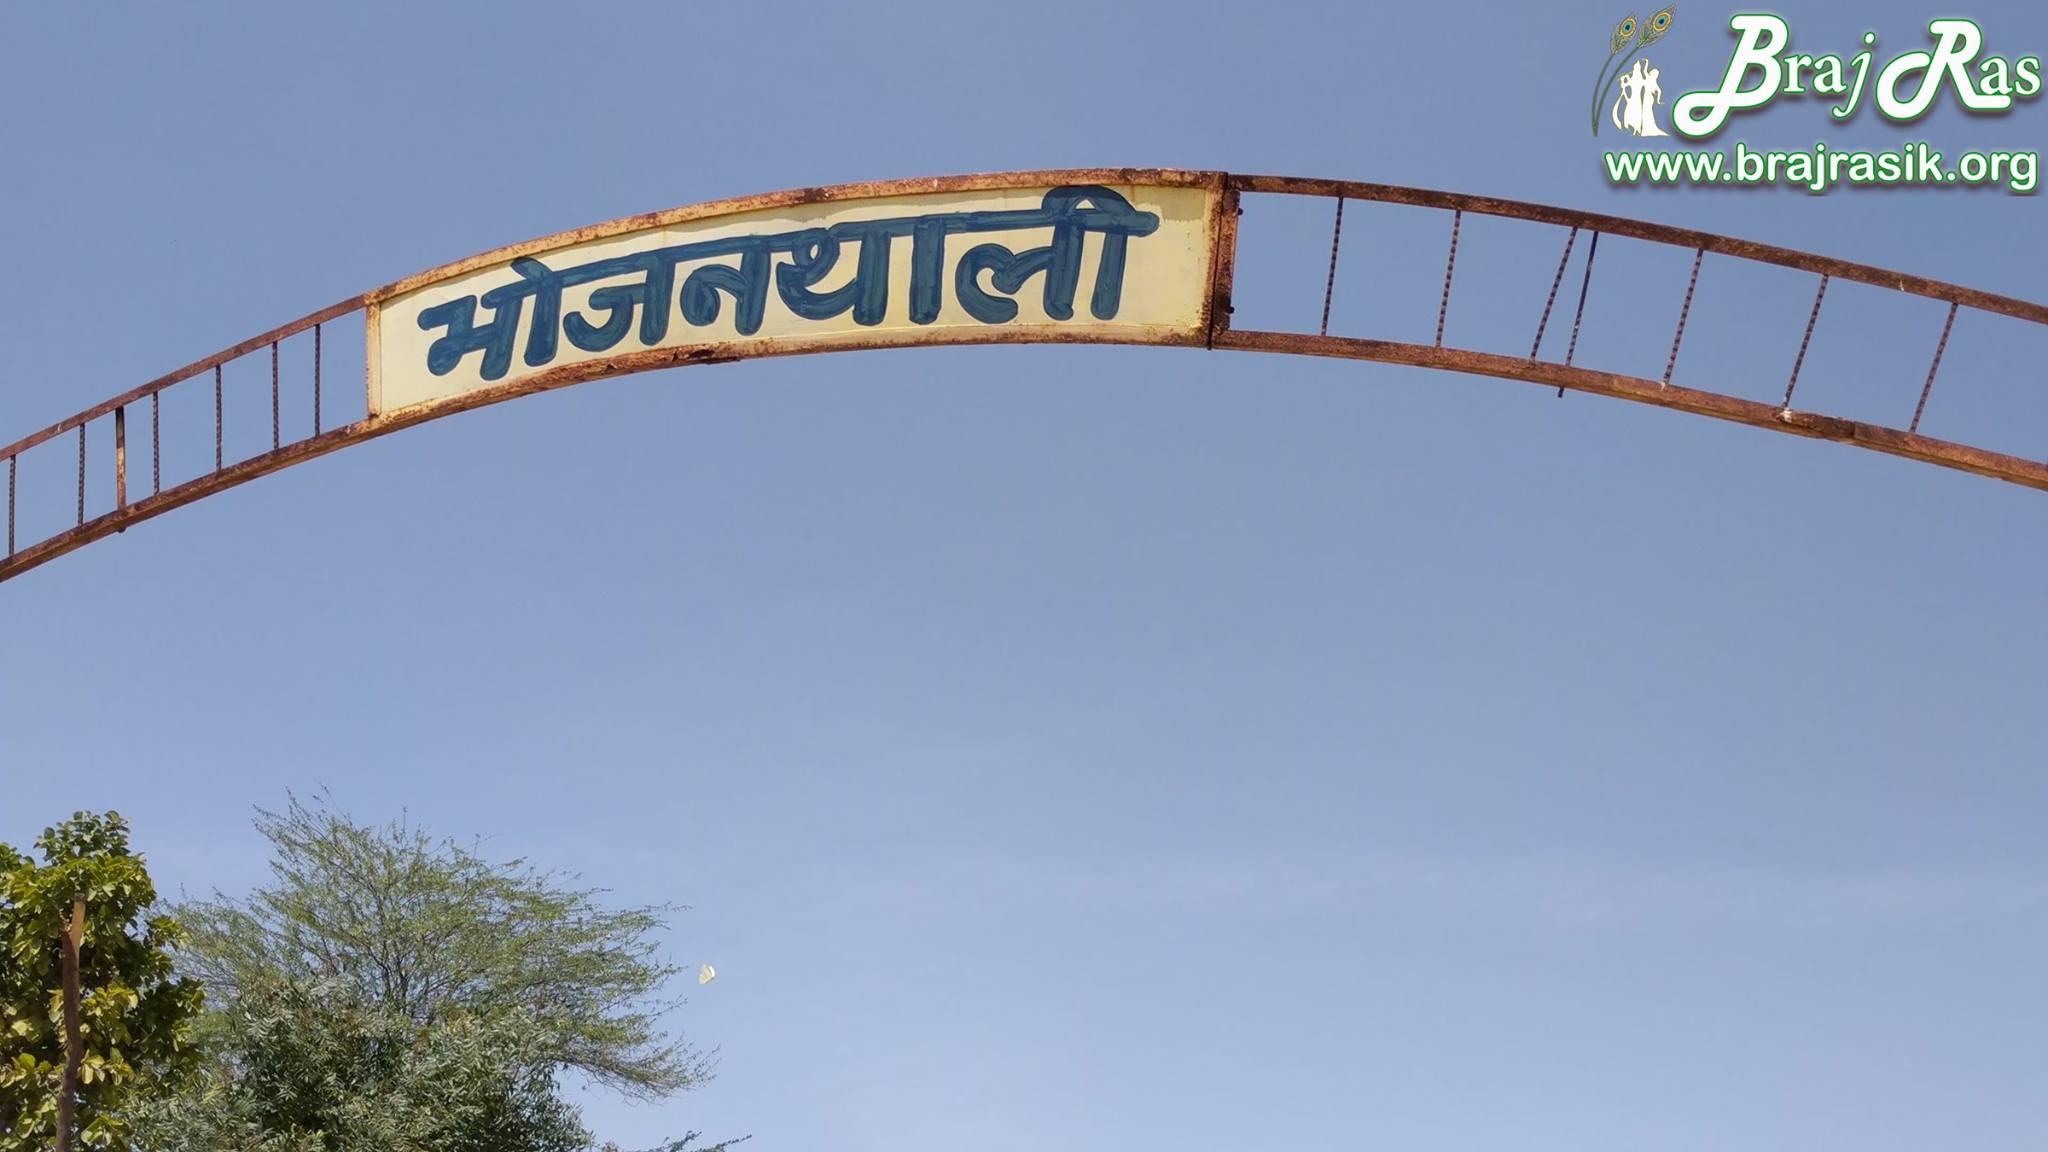 Bhojan Thali & Charan Pahadi - Kamvyavan, Braj